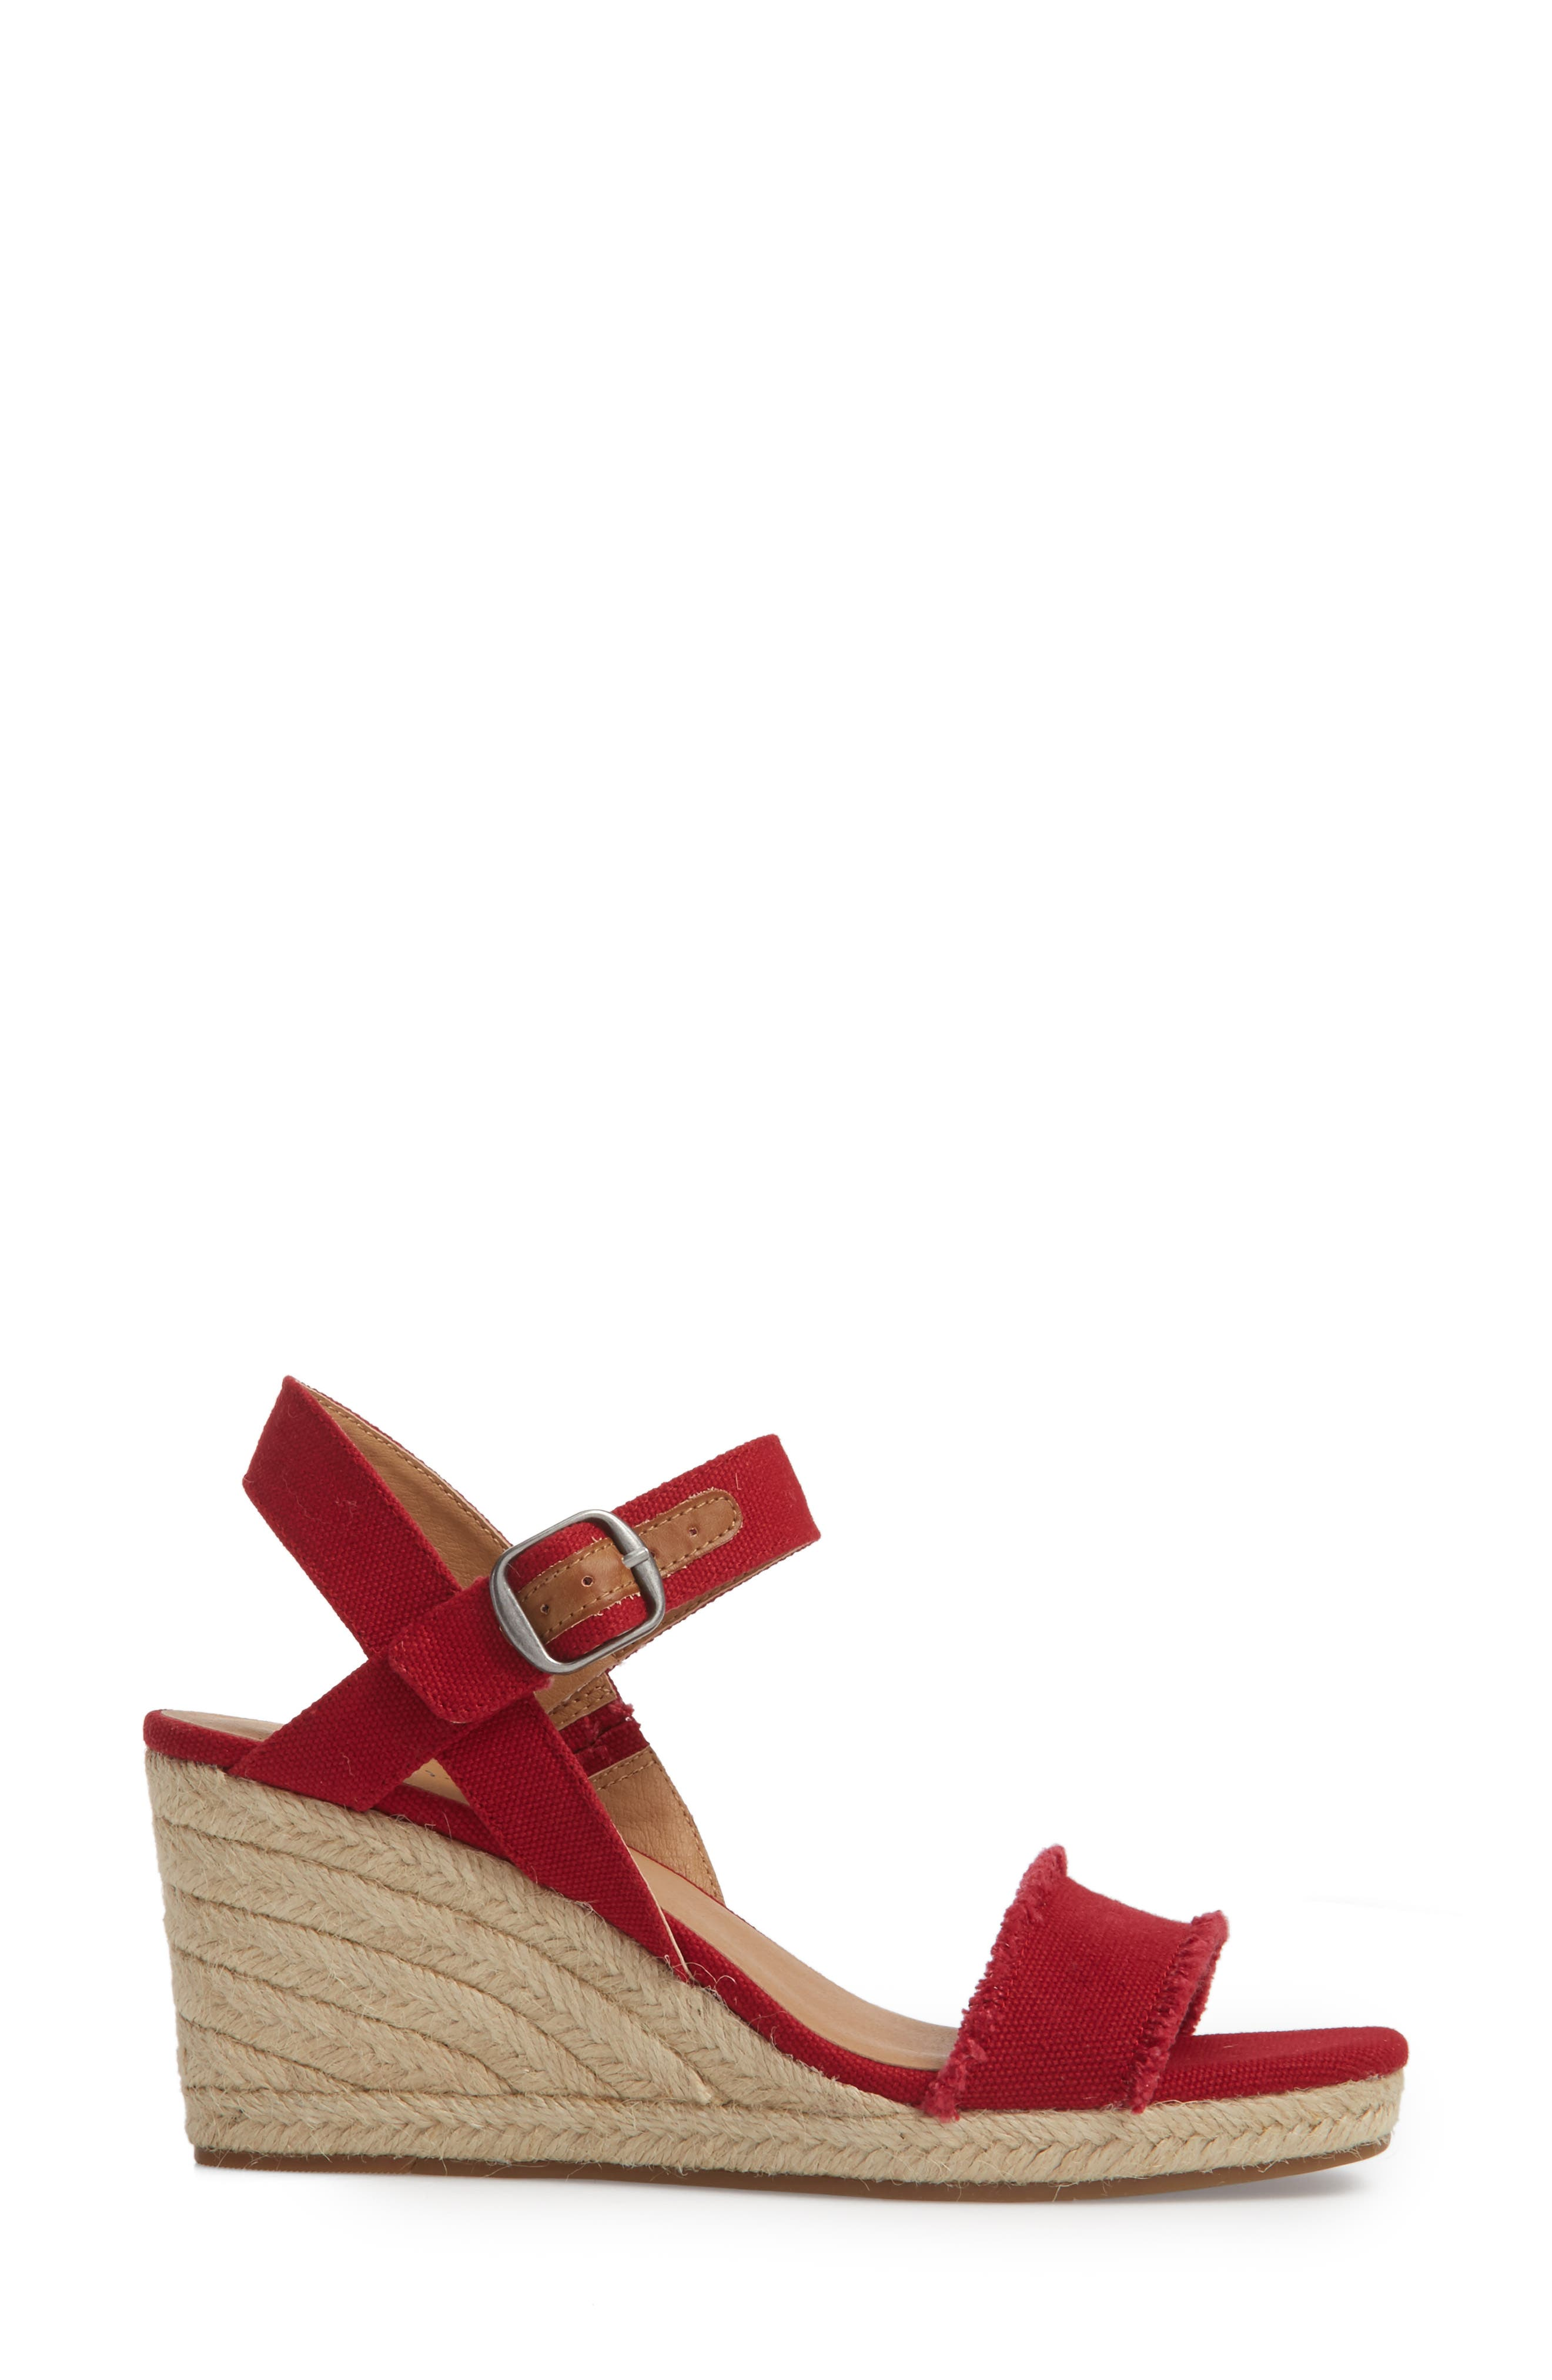 Marceline Squared Toe Wedge Sandal,                             Alternate thumbnail 21, color,